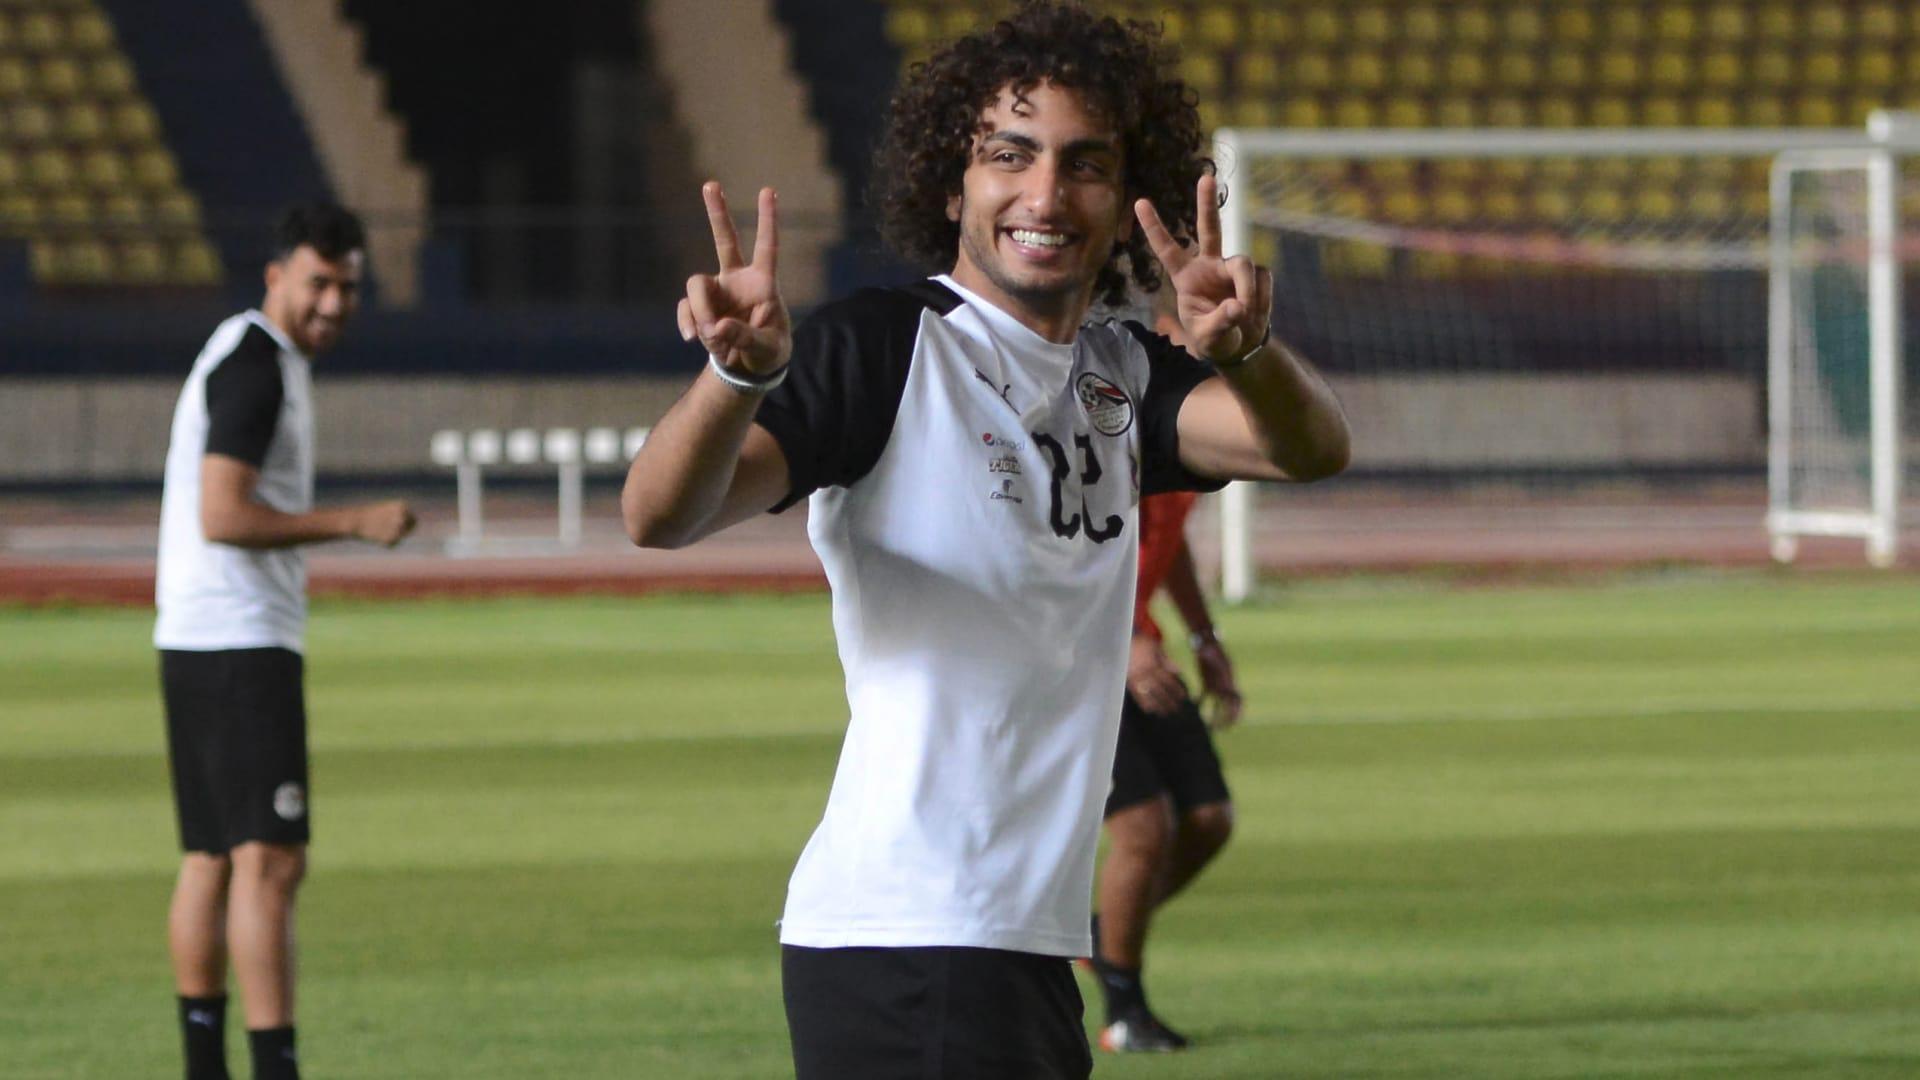 صلاح لـCNN: لم أتدخل في أزمة عمرو وردة والمتحرش يحتاج للعلاج